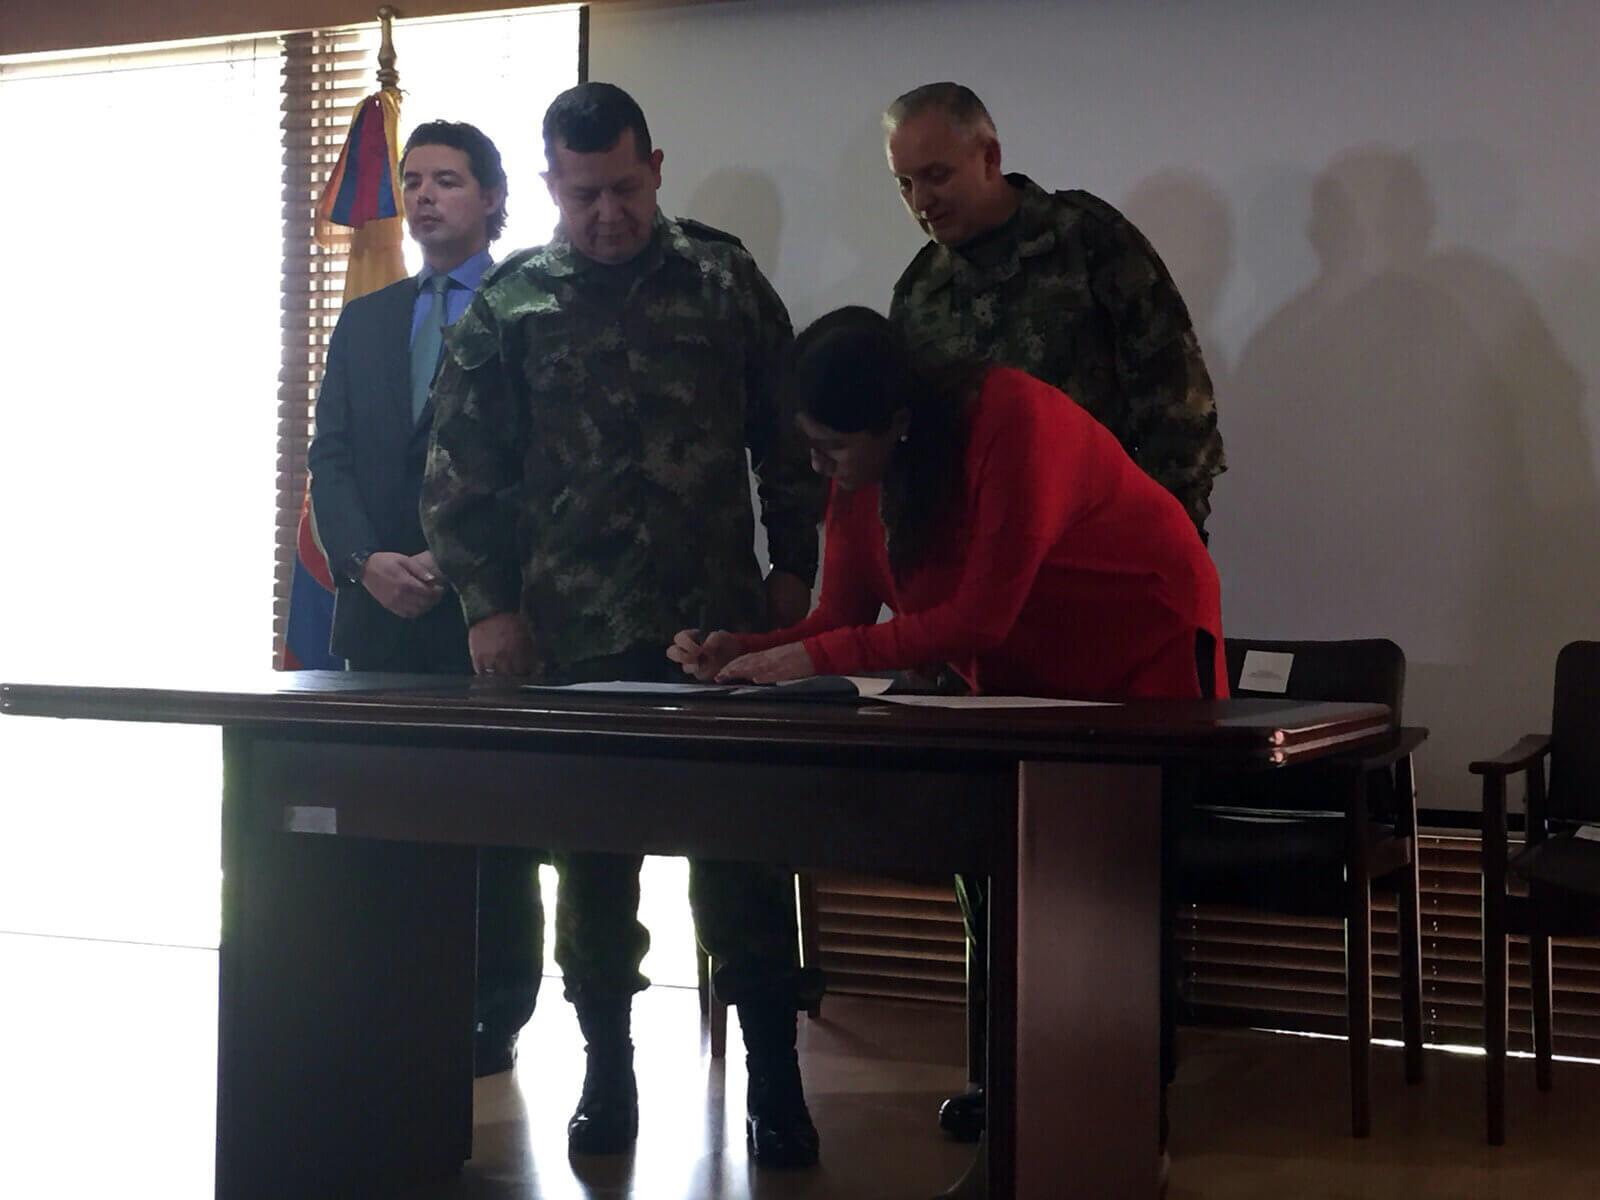 El viceministro de Defensa, el jefe de Reclutamiento, el comandante del Ejército y la subdirectora de la Unidad de Víctimas firman el protocolo. Foto: Ejército.